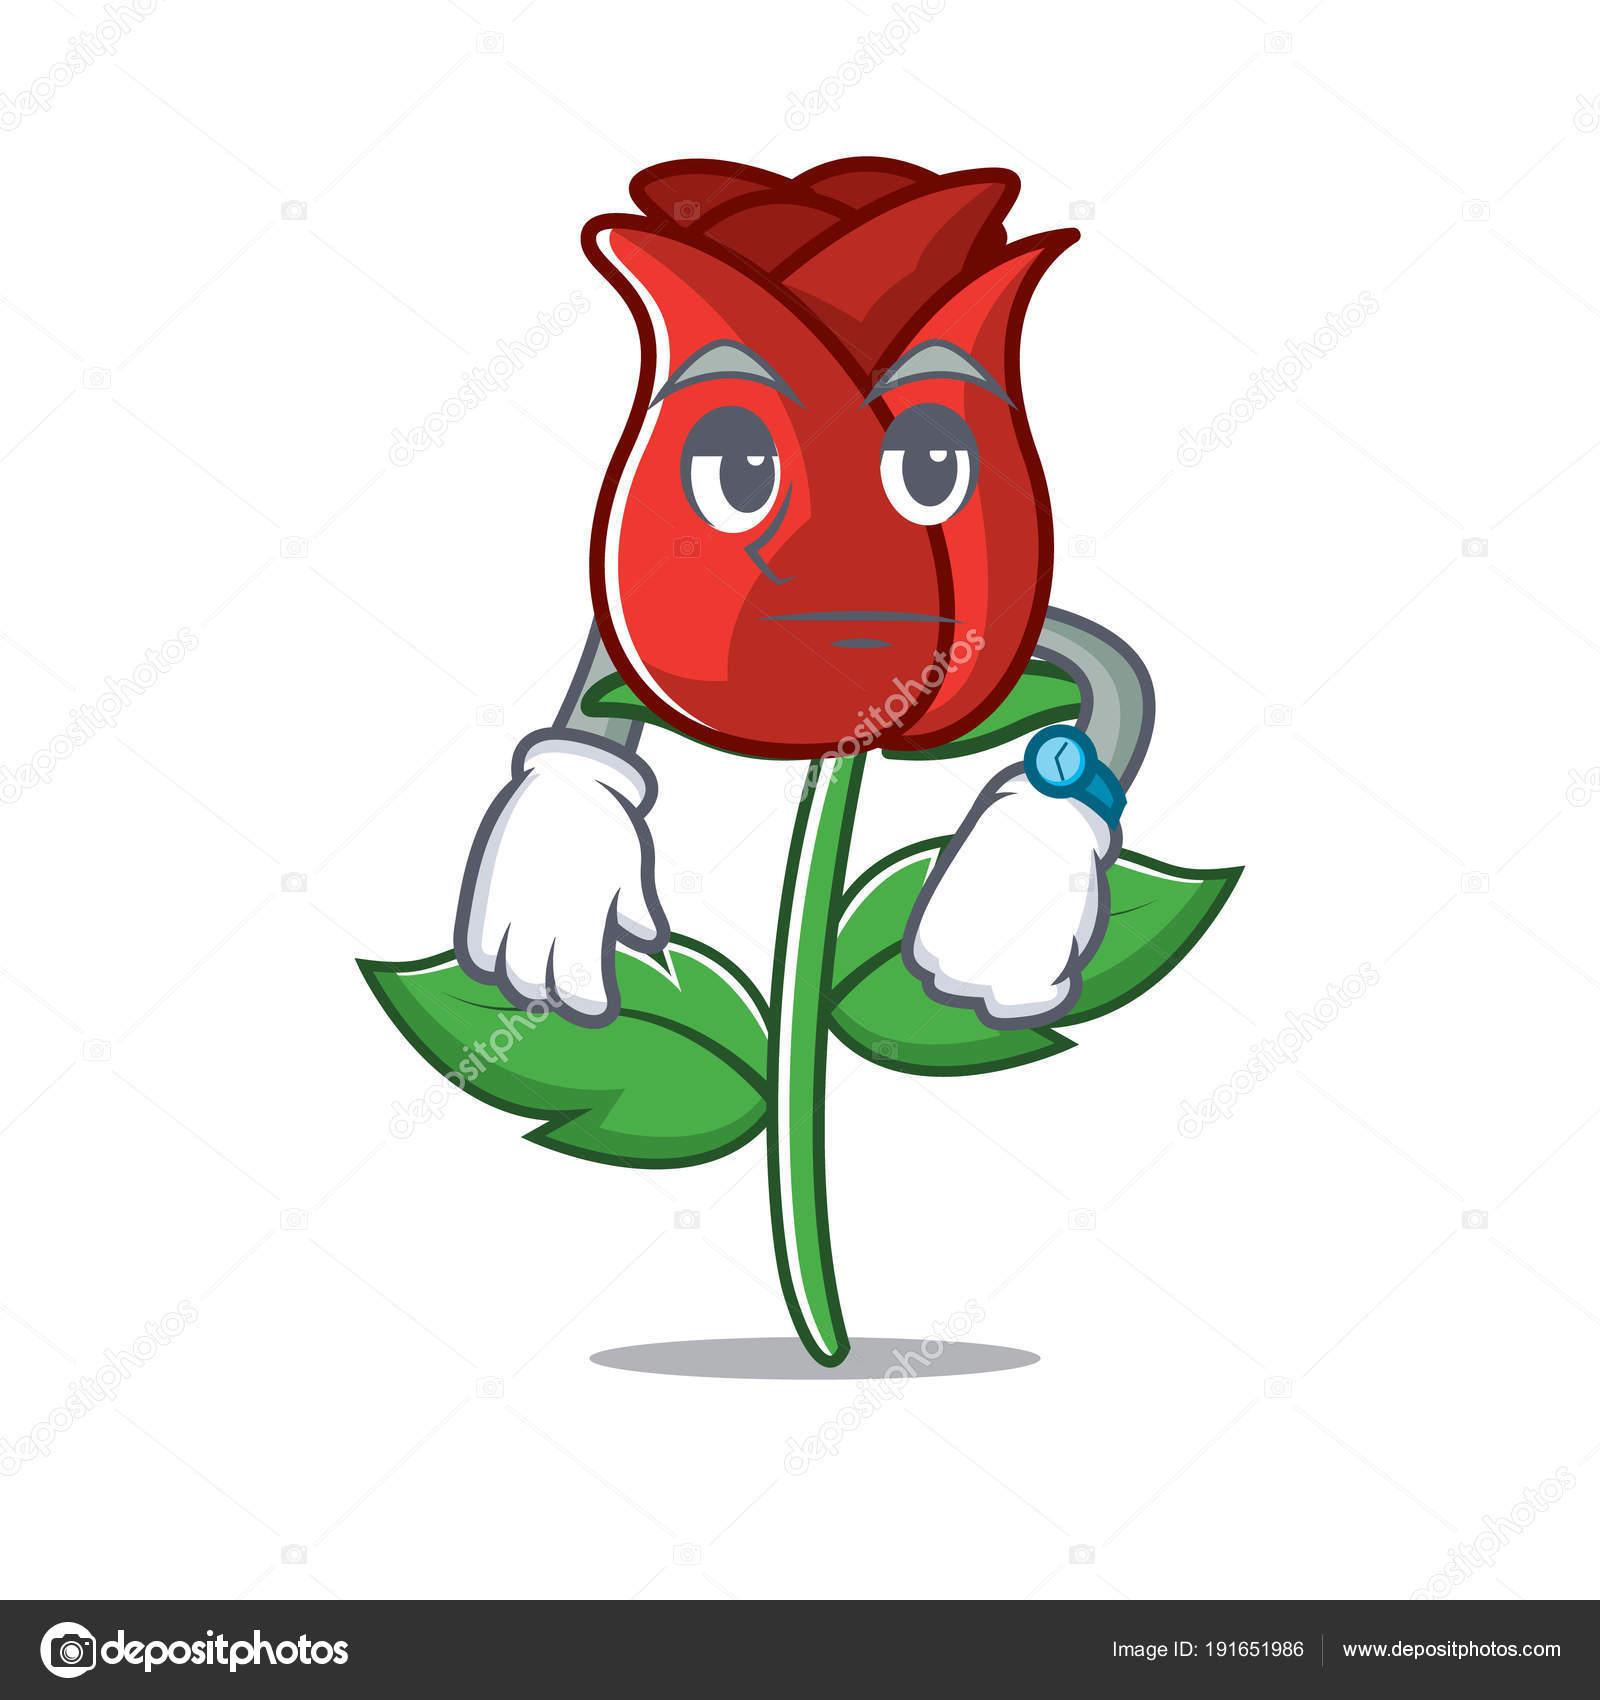 En Attendant Le Dessin Anime Mascotte Rose Rouge Image Vectorielle